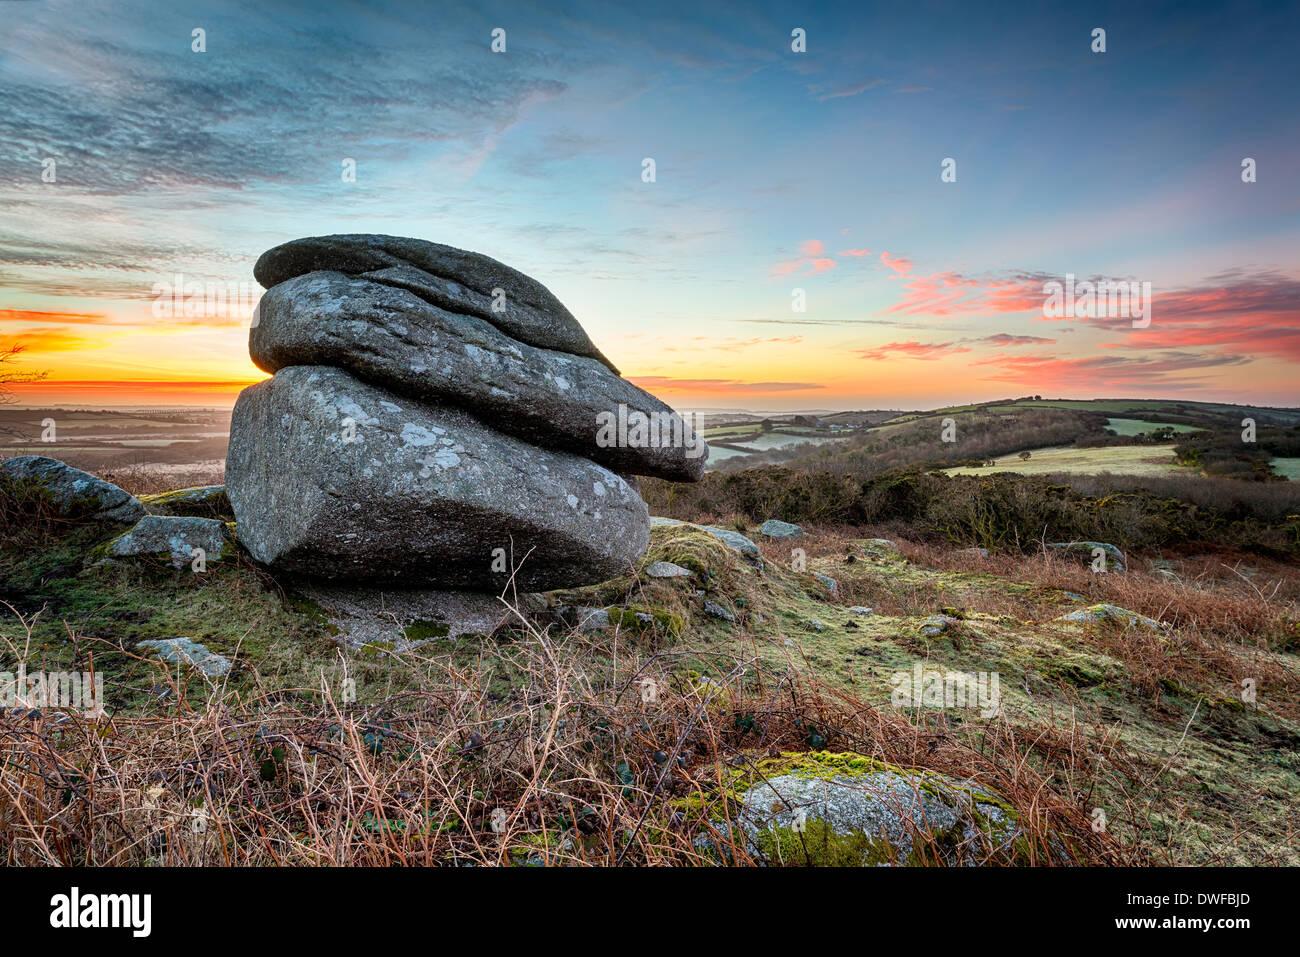 Amanecer en Helman Tor, accidentado moorland cerca de Bodmin en Cornwall. Imagen De Stock